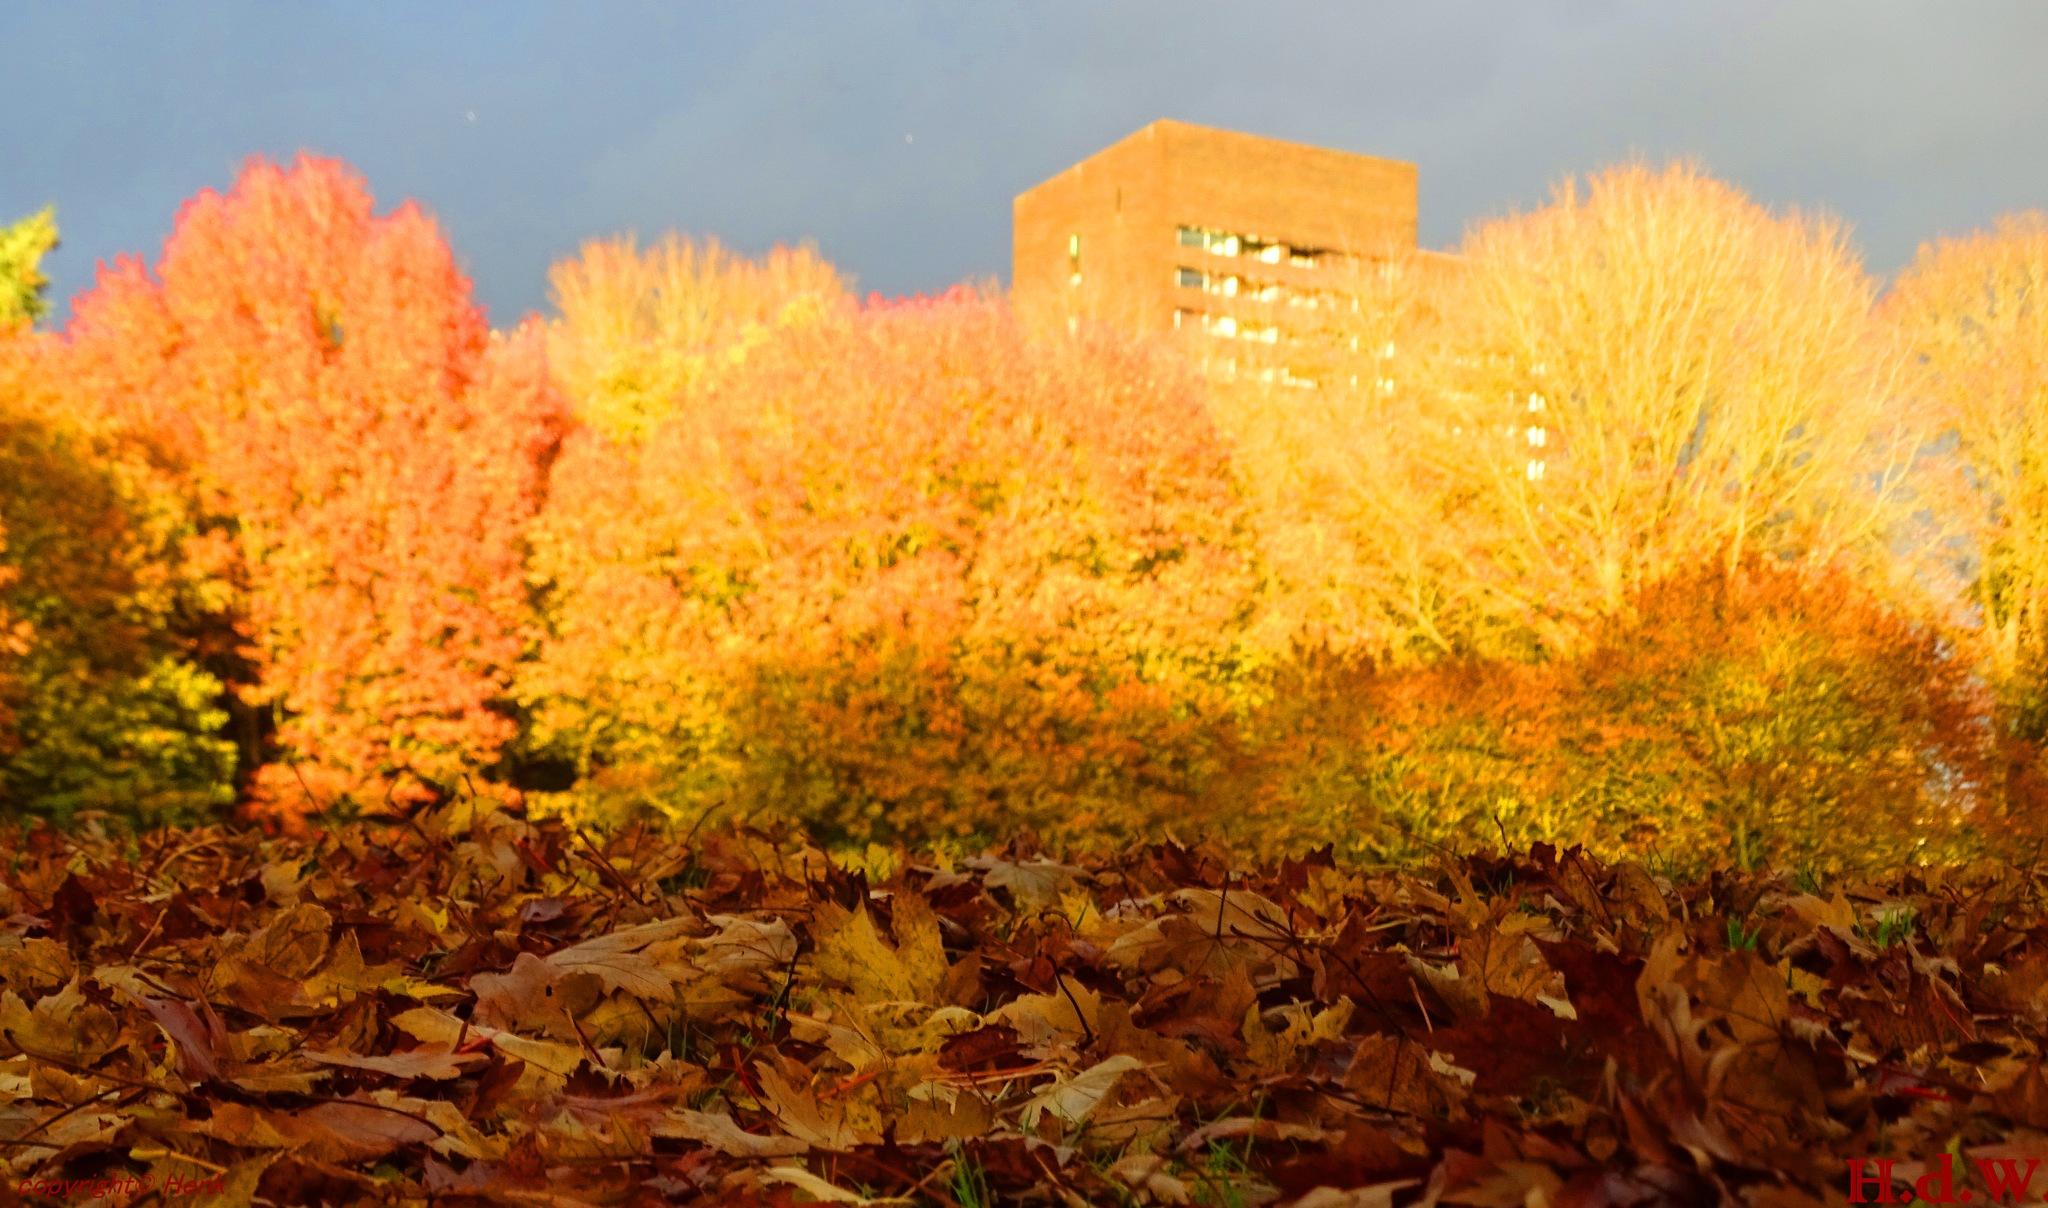 Herfst kleuren Leijpark Tilburg  by h_de_winter